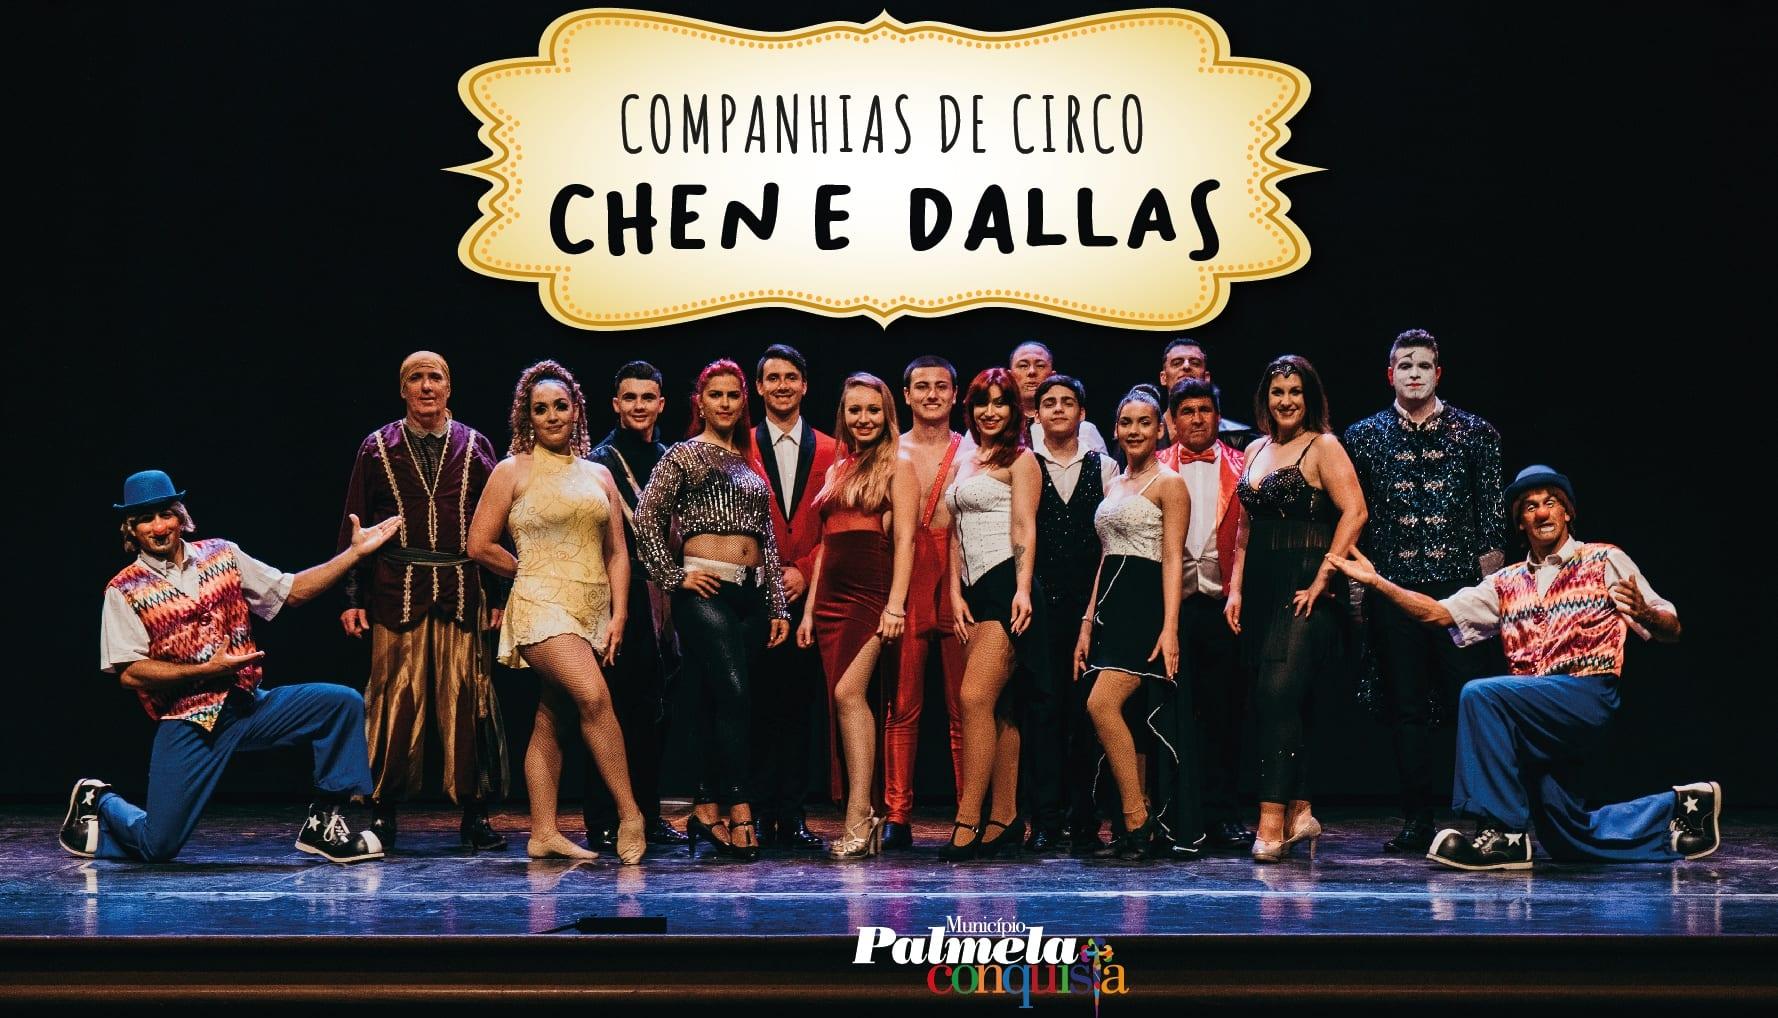 Circo Dallas e Circo Chen